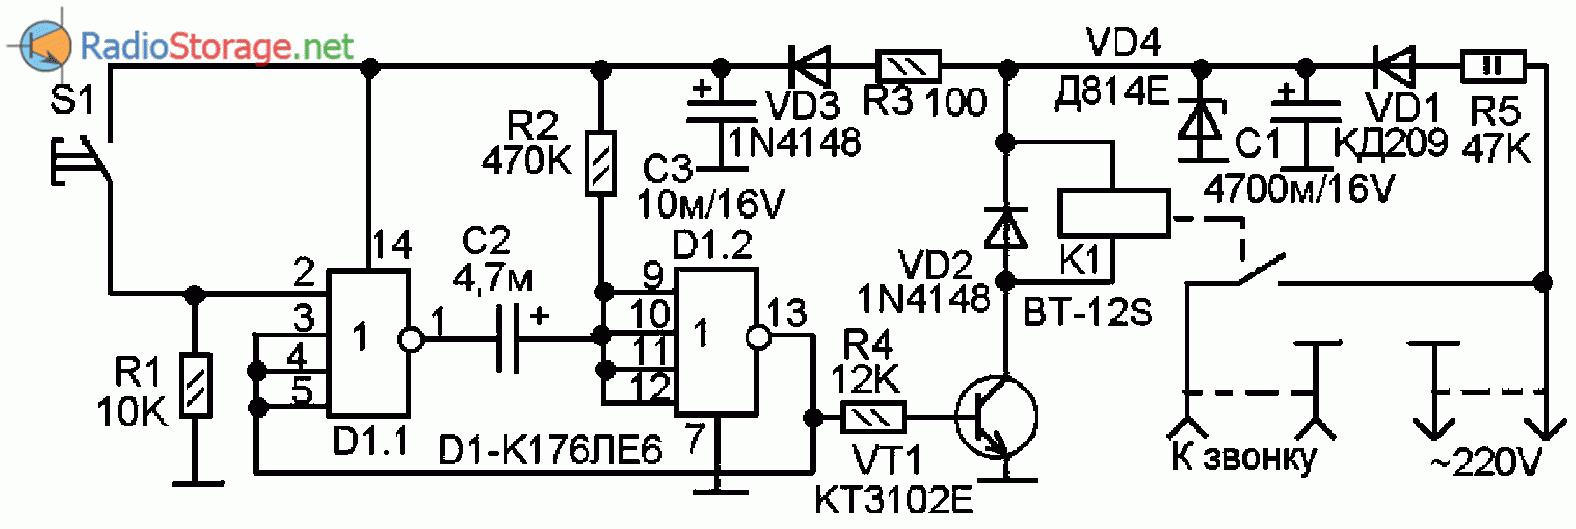 Принципиальная схема защитного устройства для домашнего электромагнитного звонка